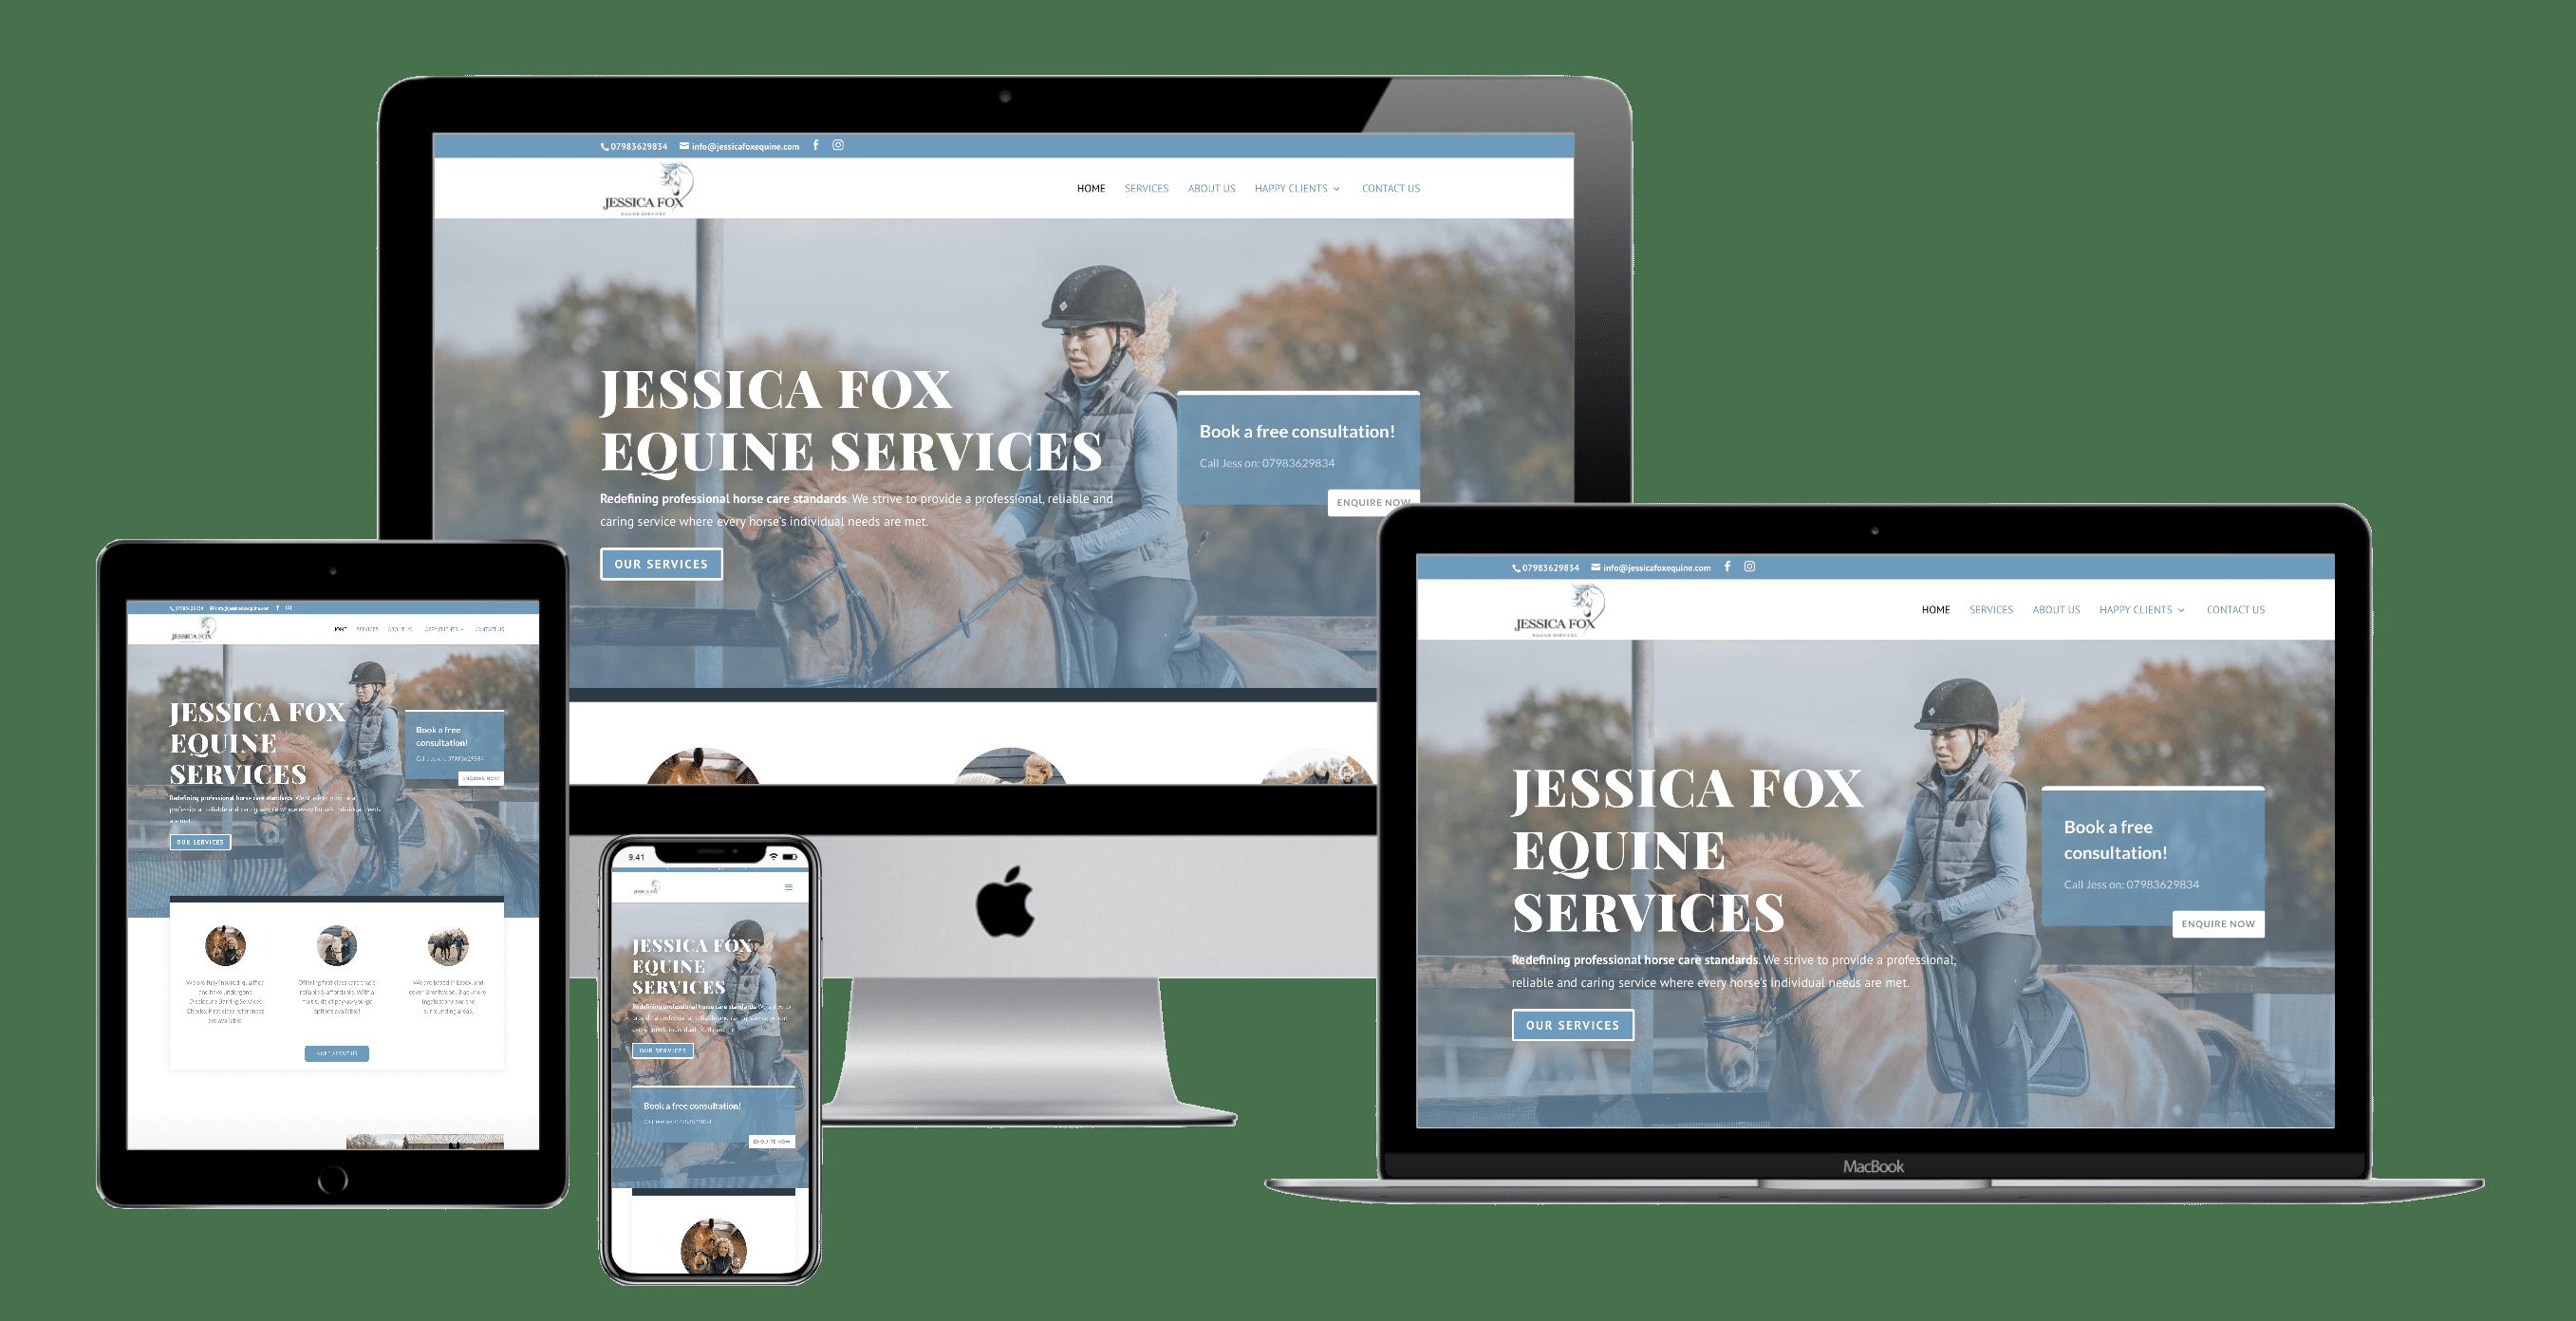 Jessica Fox equine services website design